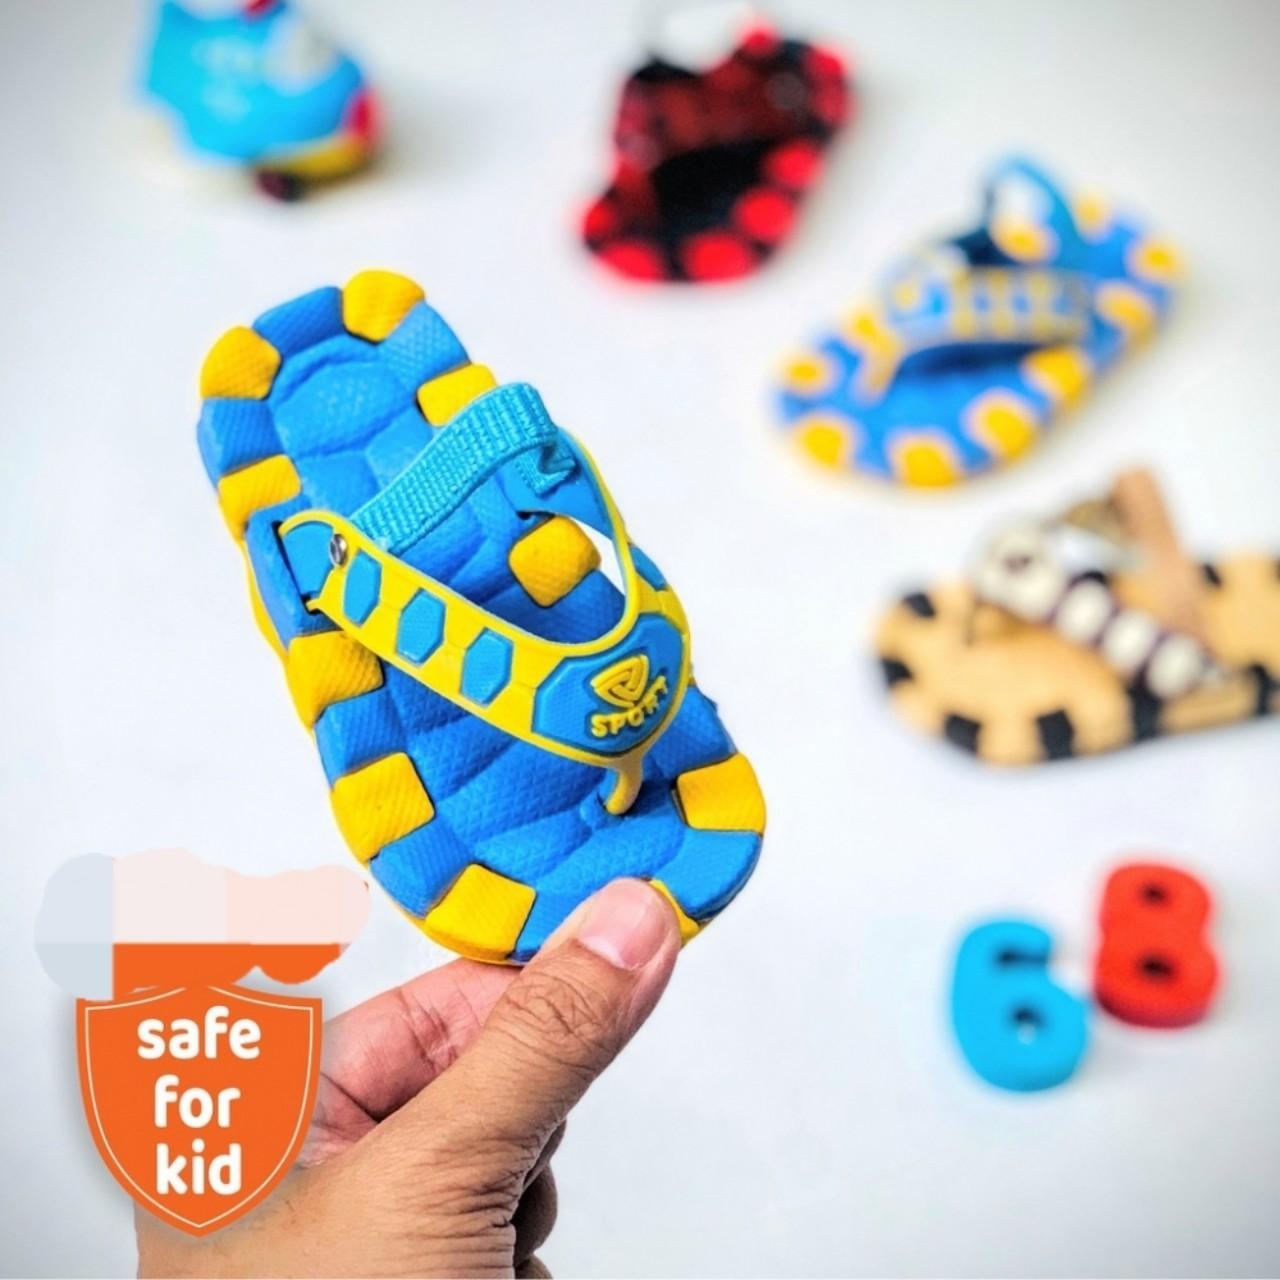 Giá bán Dép kẹp trẻ em cho bé trai bé gái từ 1-5 tuổi dễ thương - Dép kẹp trẻ em